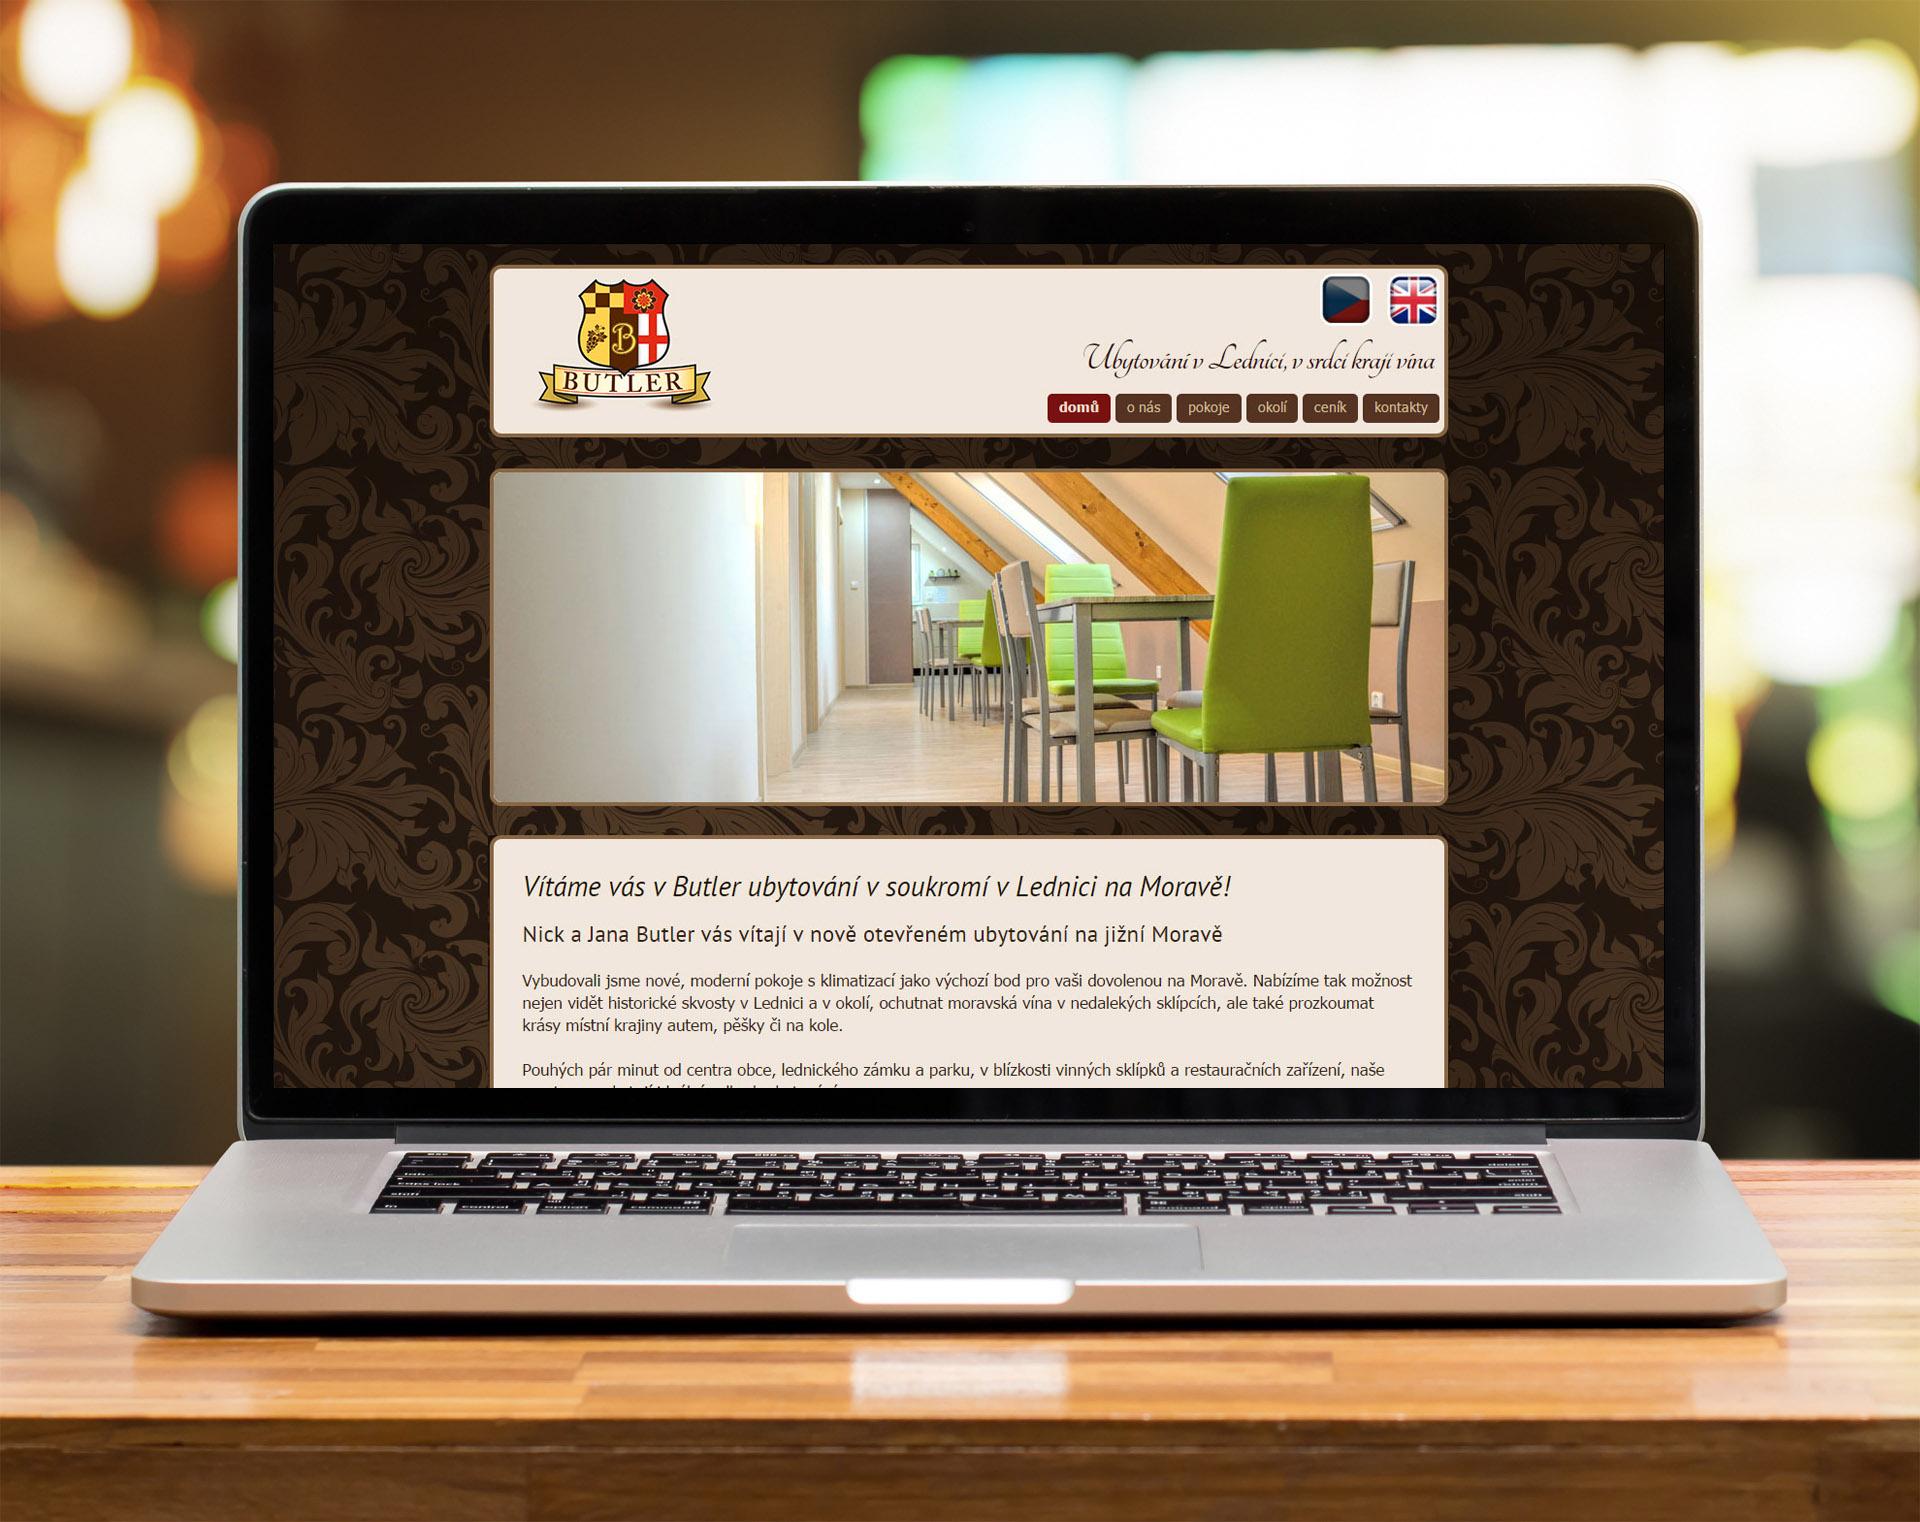 Butler ubytovani Lednice website design